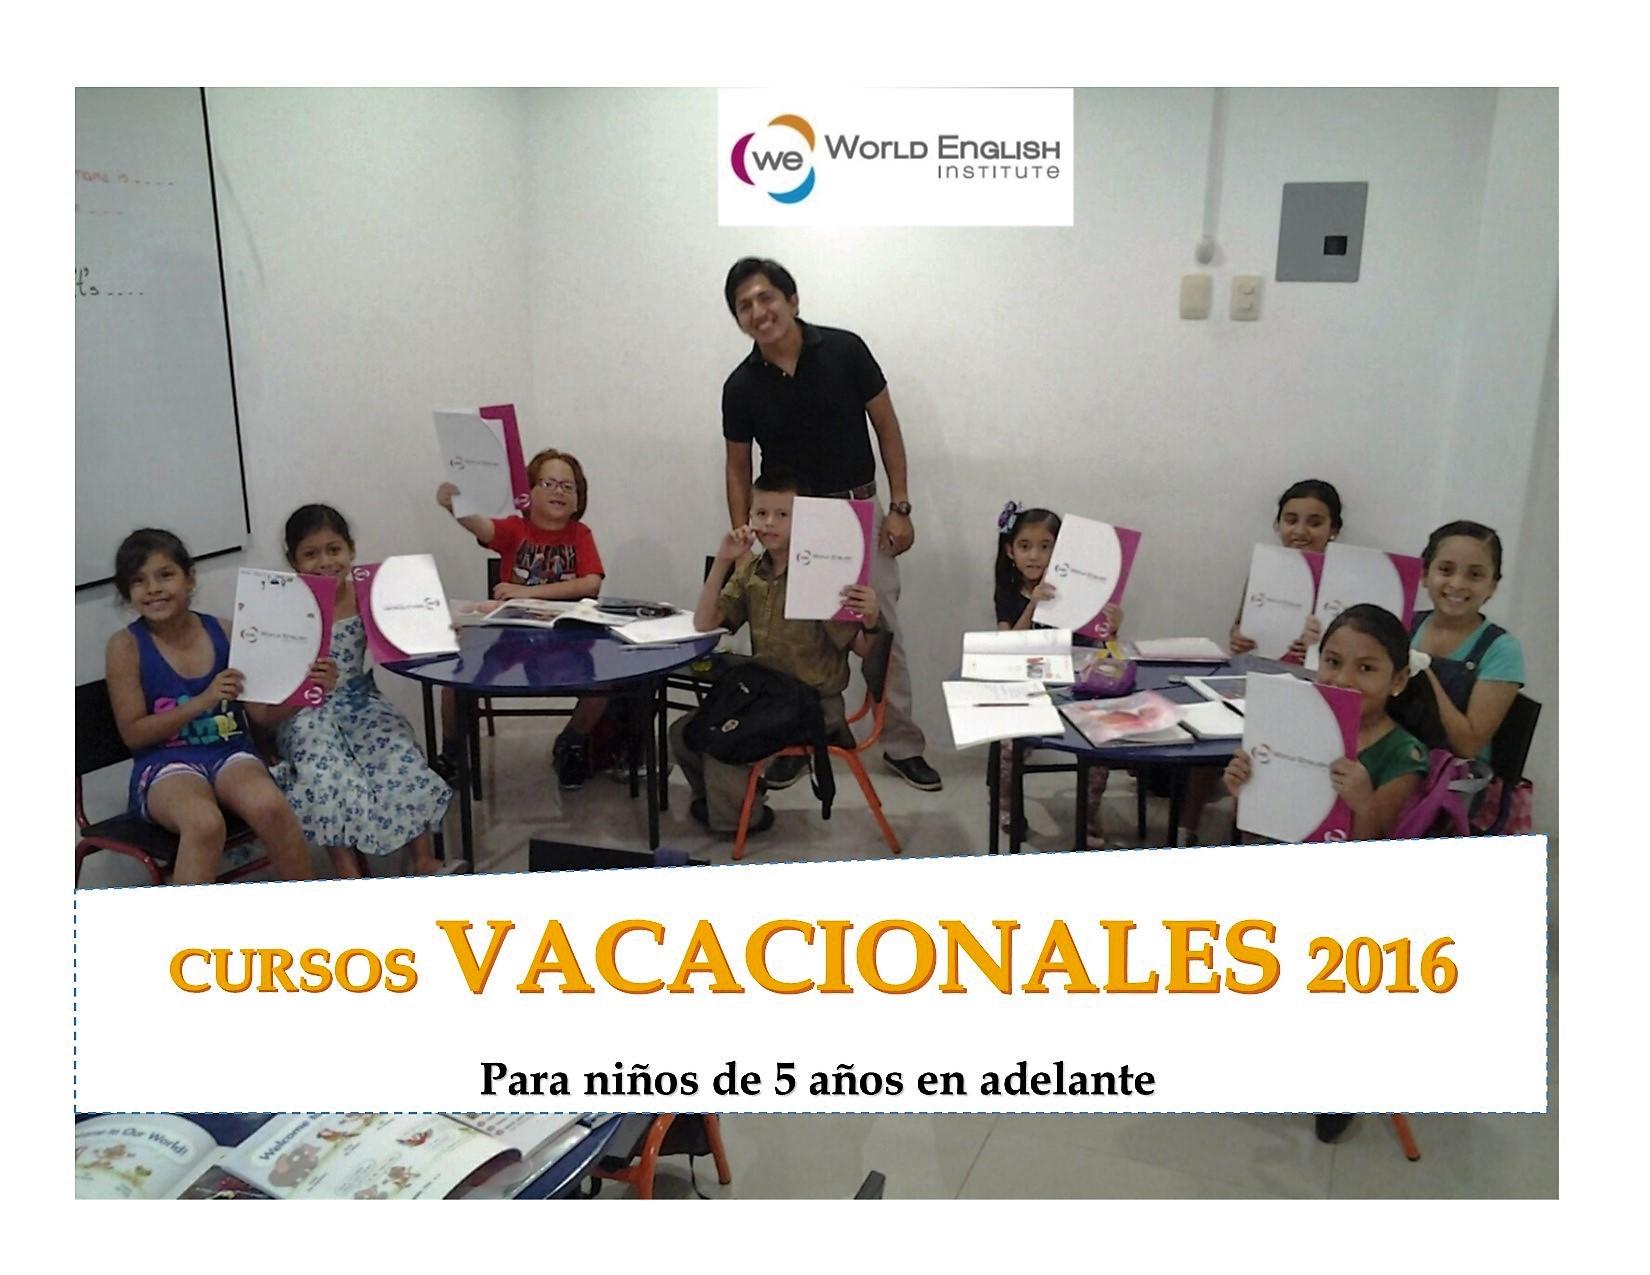 vacacionales 2015